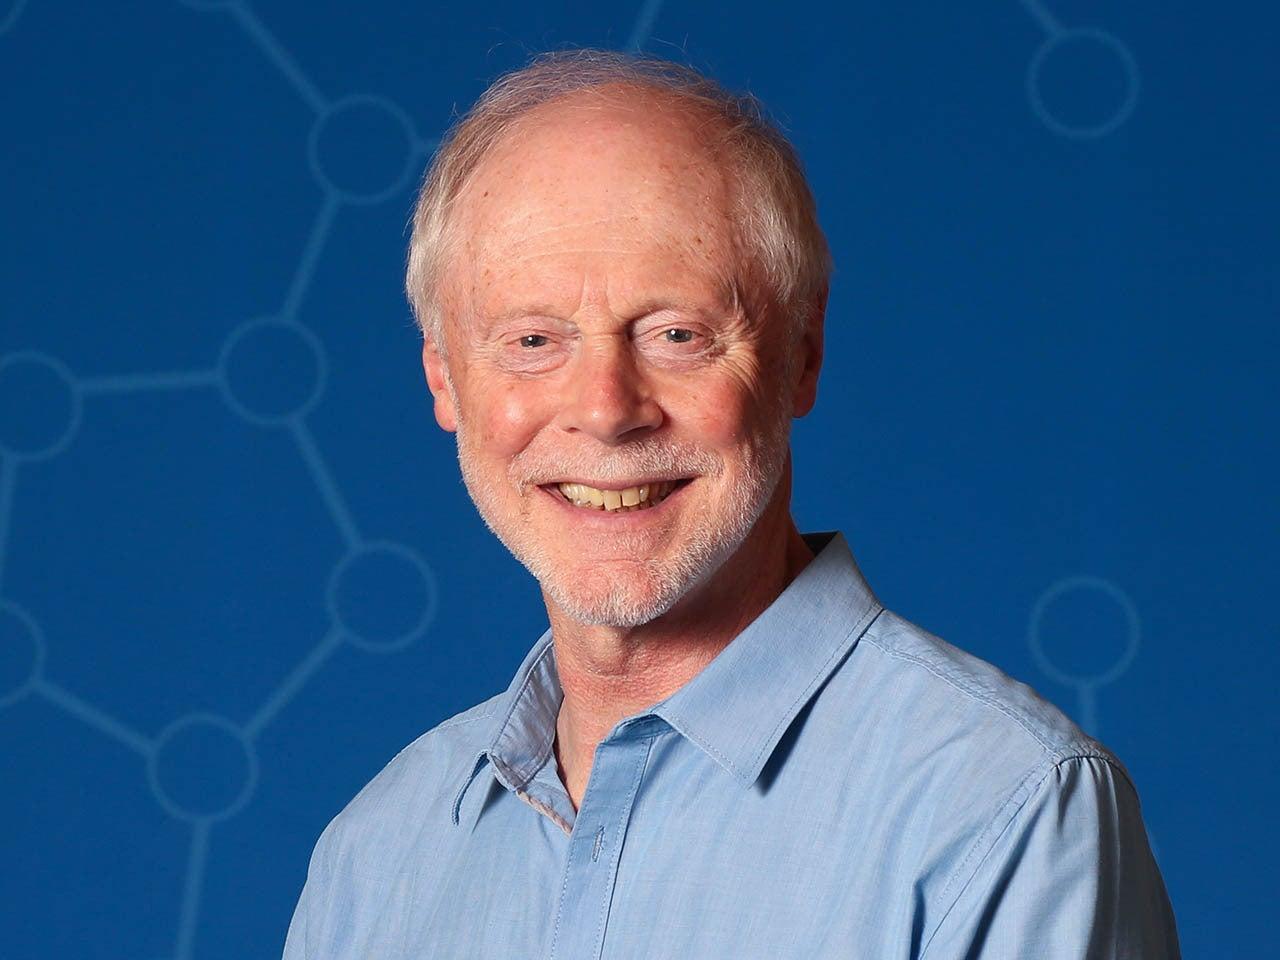 John R. Inglis